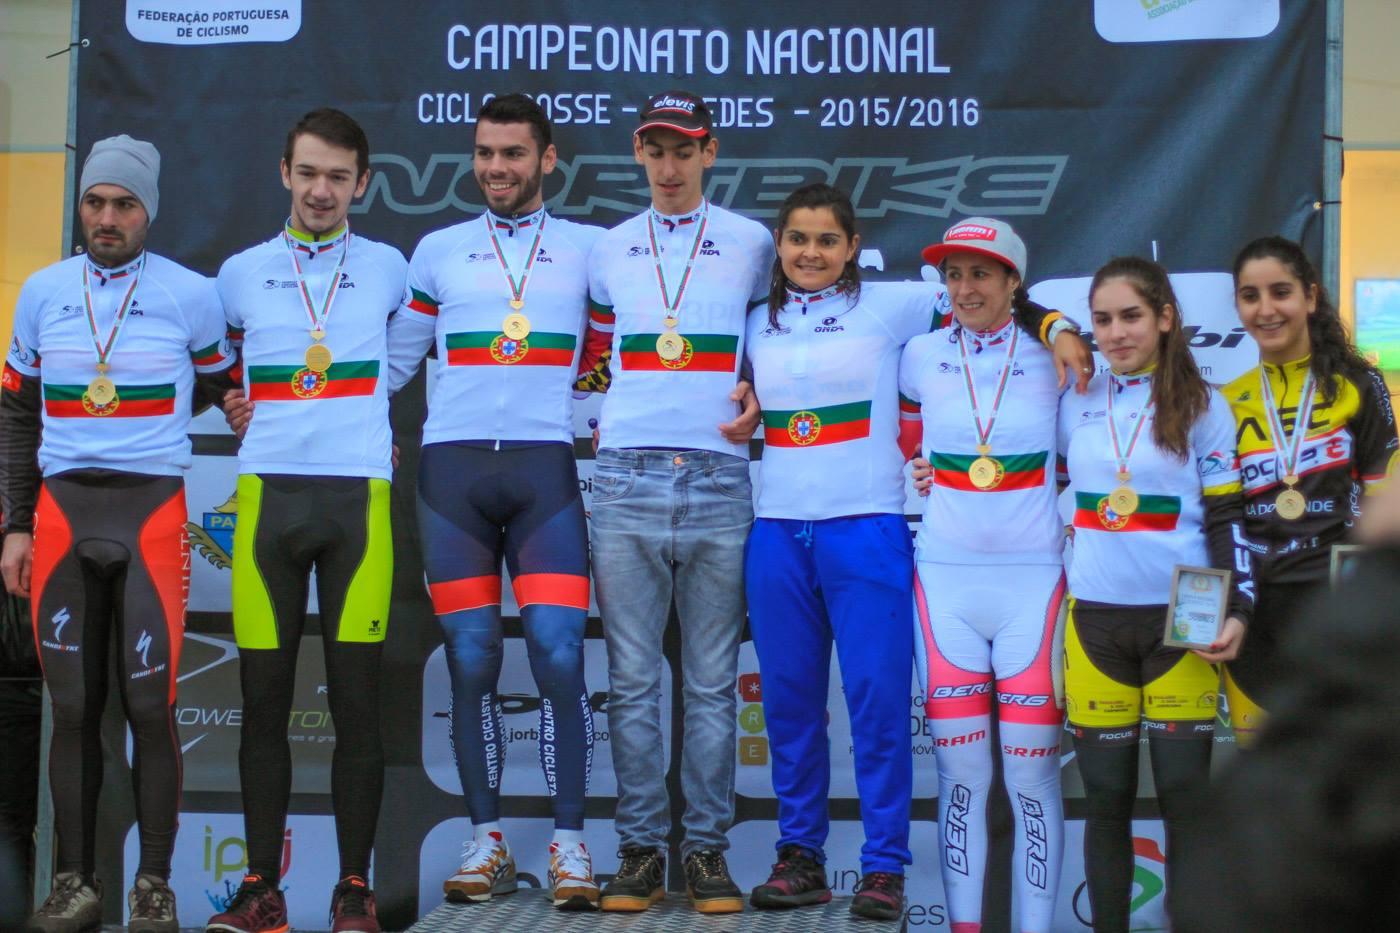 Campeonato Nacional de Ciclocrosse 2015 2016